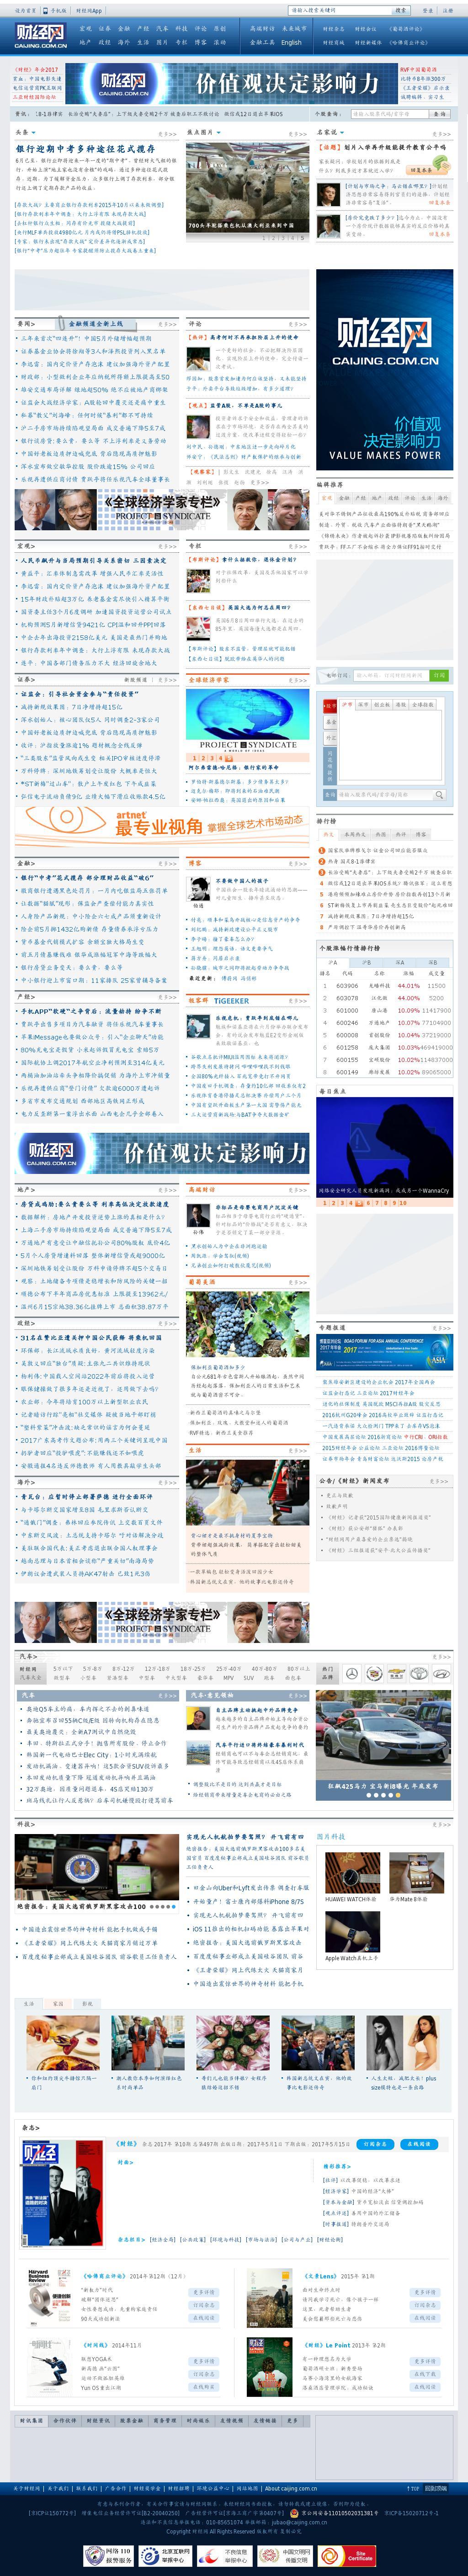 Caijing at Wednesday June 7, 2017, 2:03 p.m. UTC